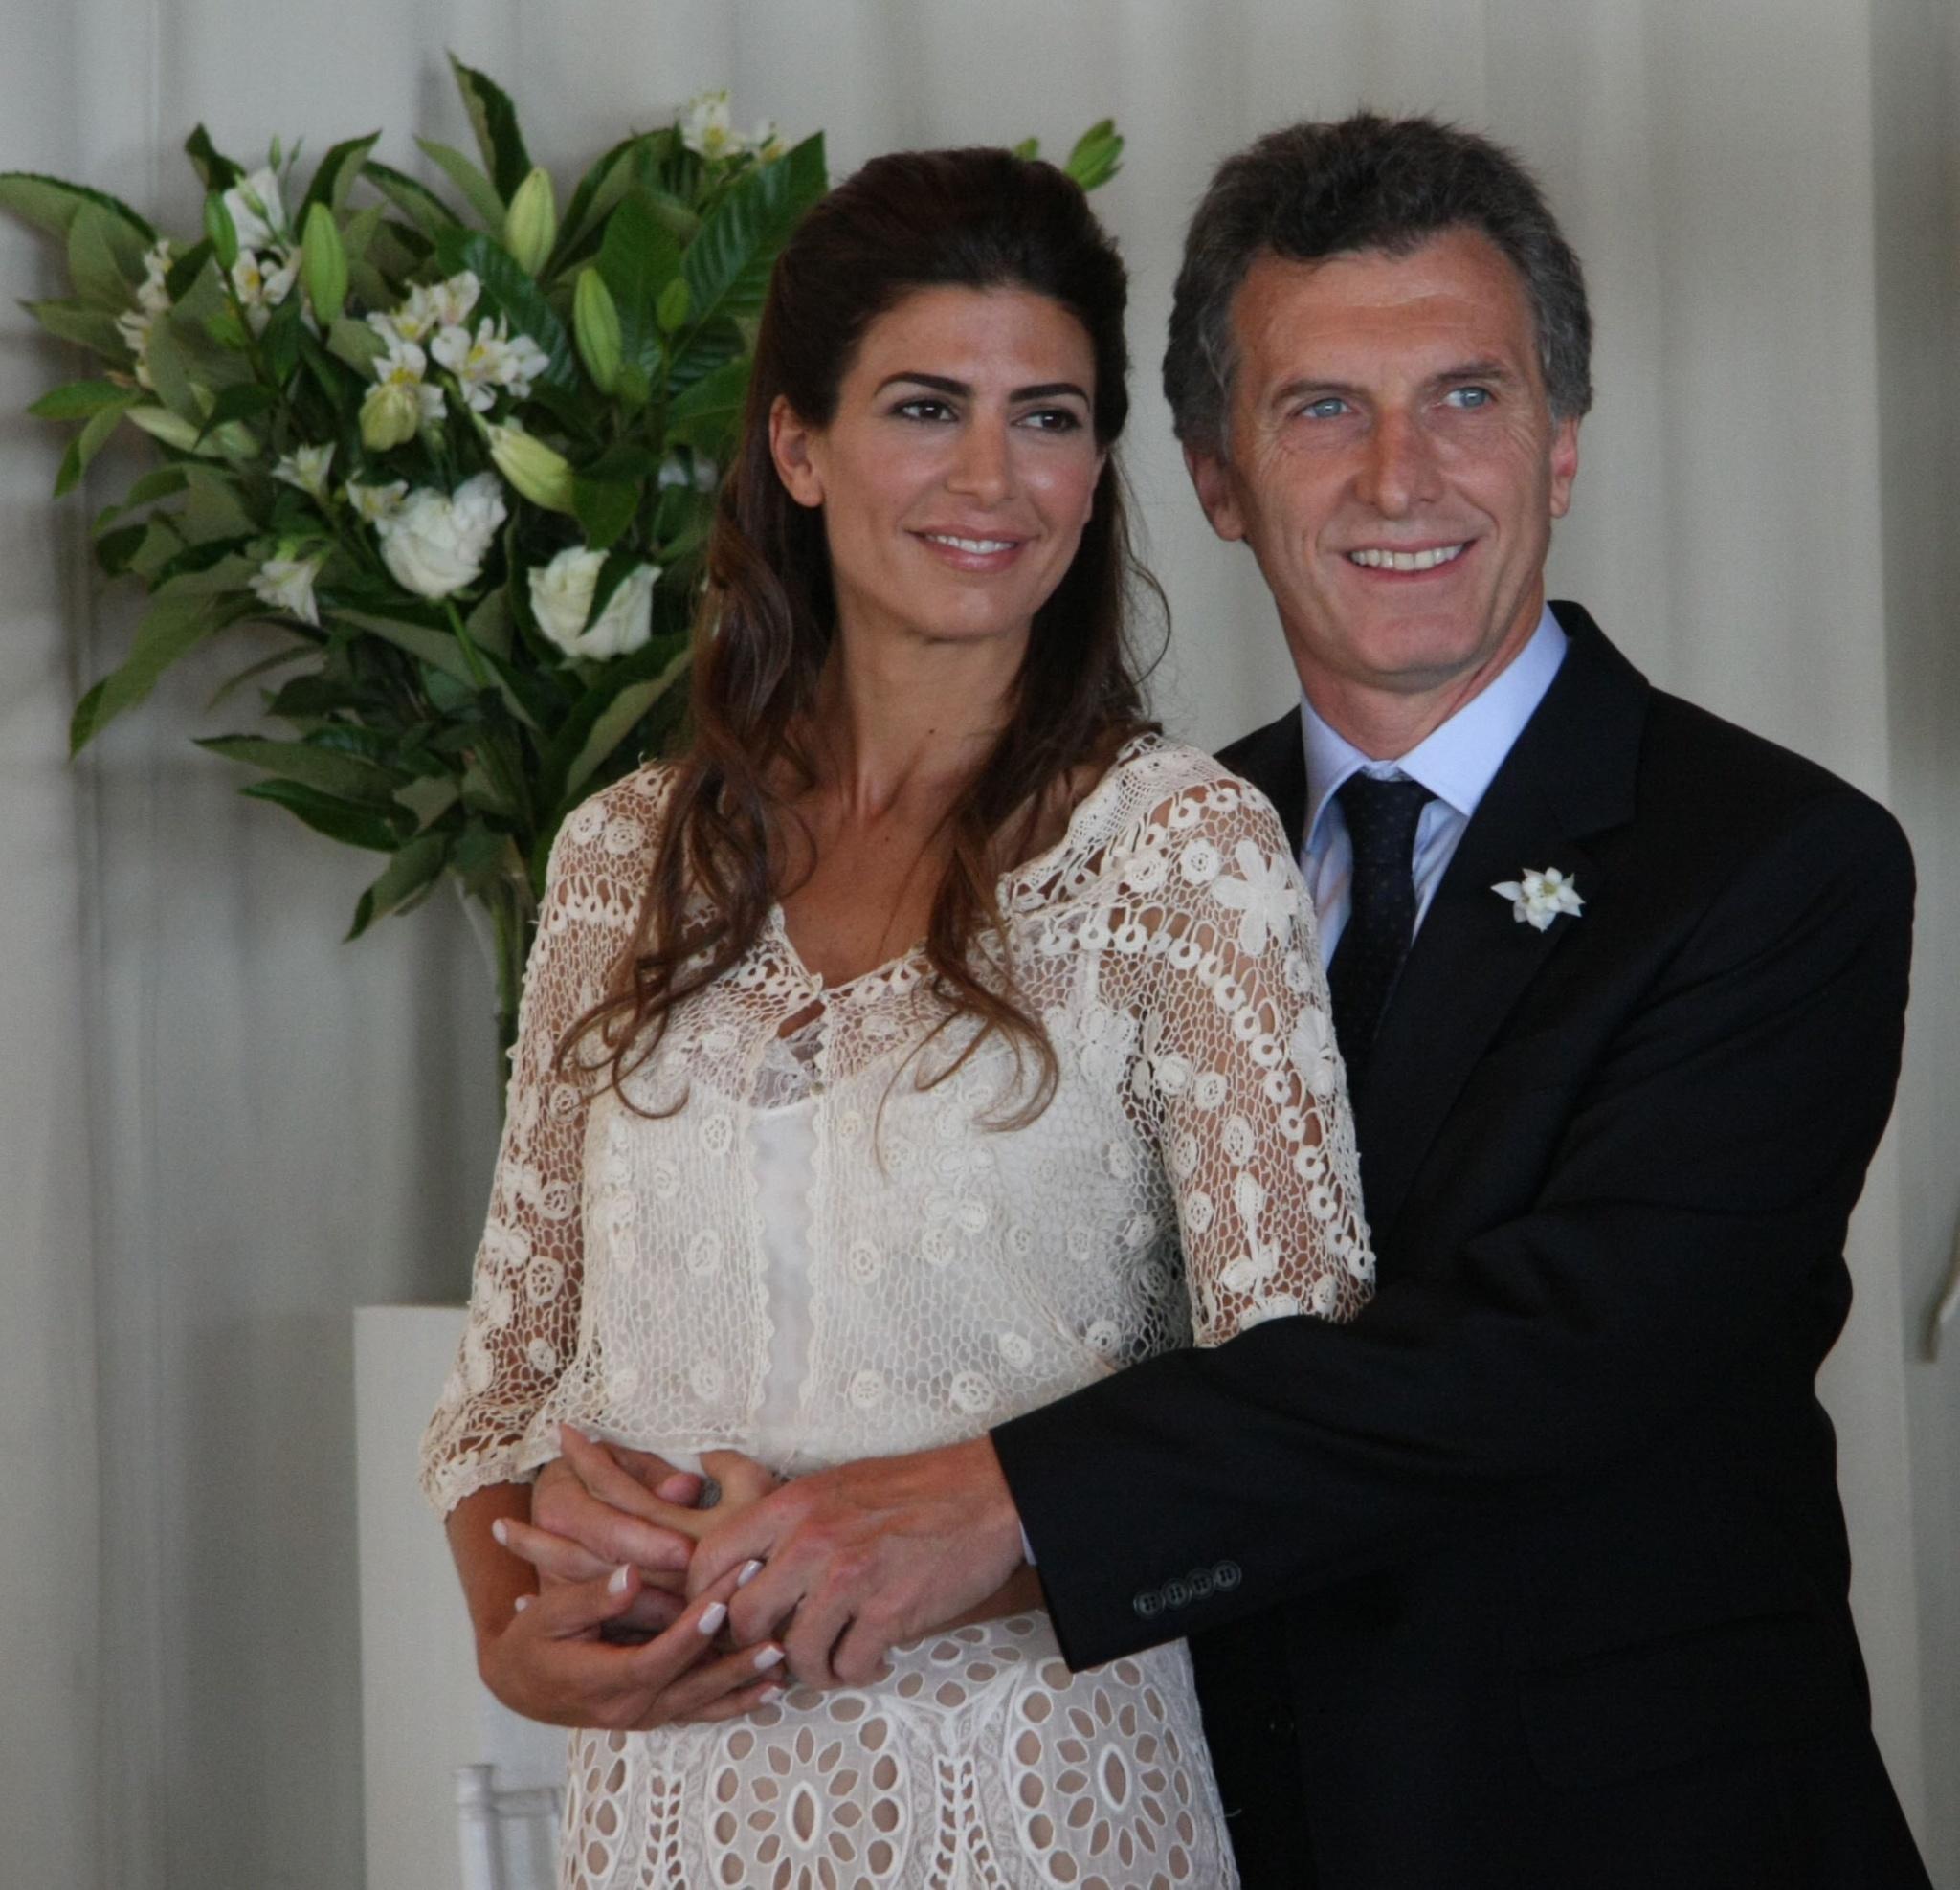 Mauricio Macri et sa sublime femme Juliana Awada, une aide discrète mais réelle pour conquérir les Argentins pendant la campagne. Crédit Photo : Mauricio Macri / Flickr CC.